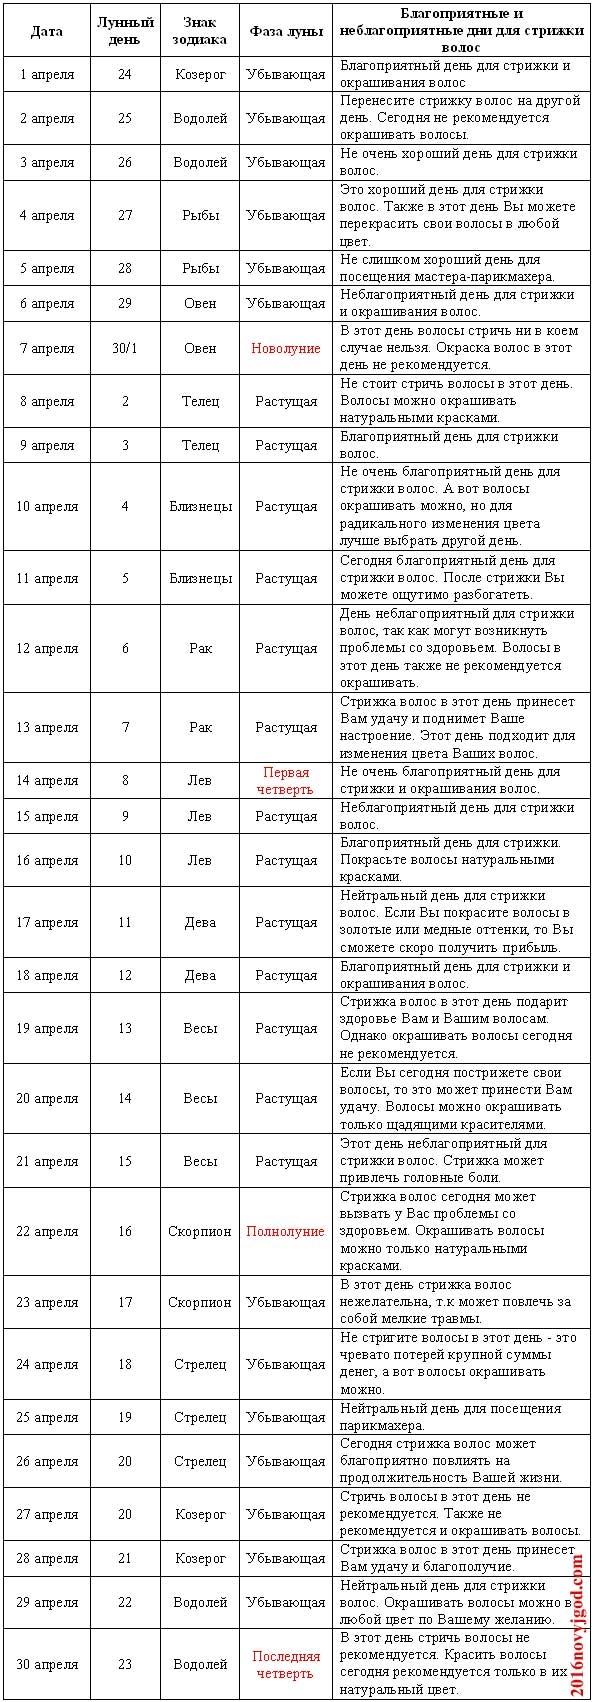 Водный стадион санкт-петербург , цены в рублях помада м.